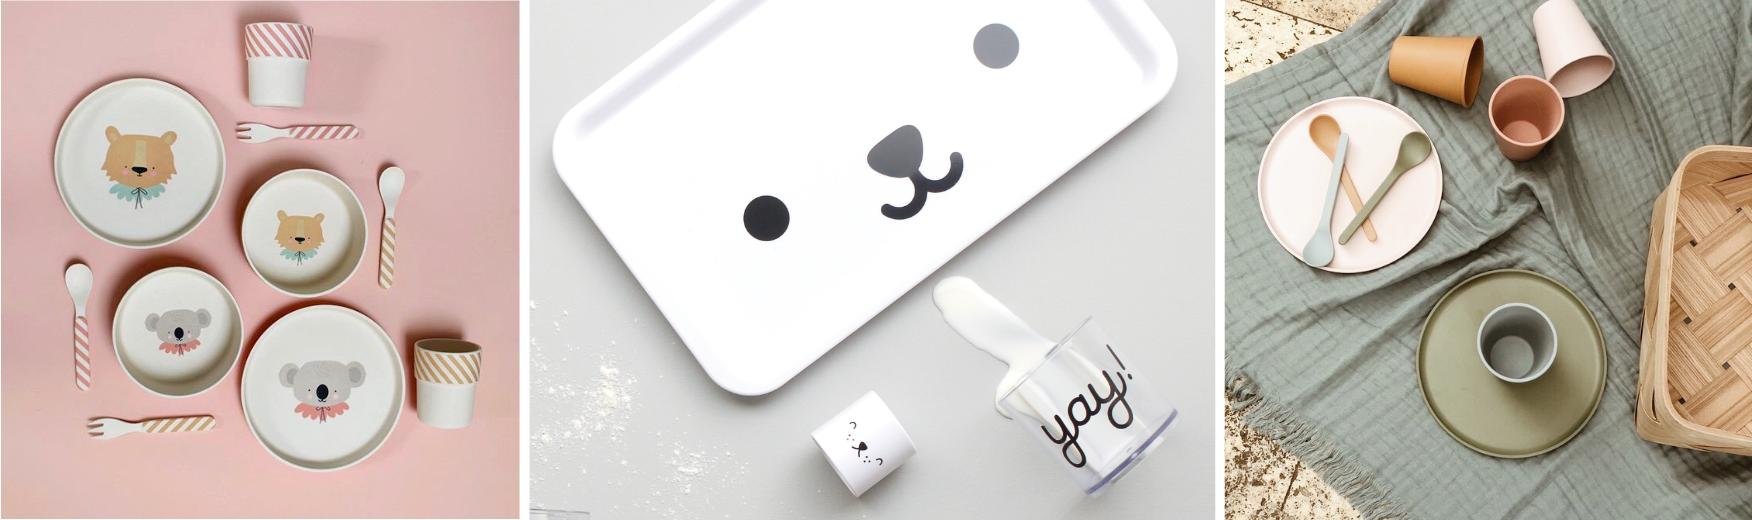 Eat & Drink | Design Stuff for Kids